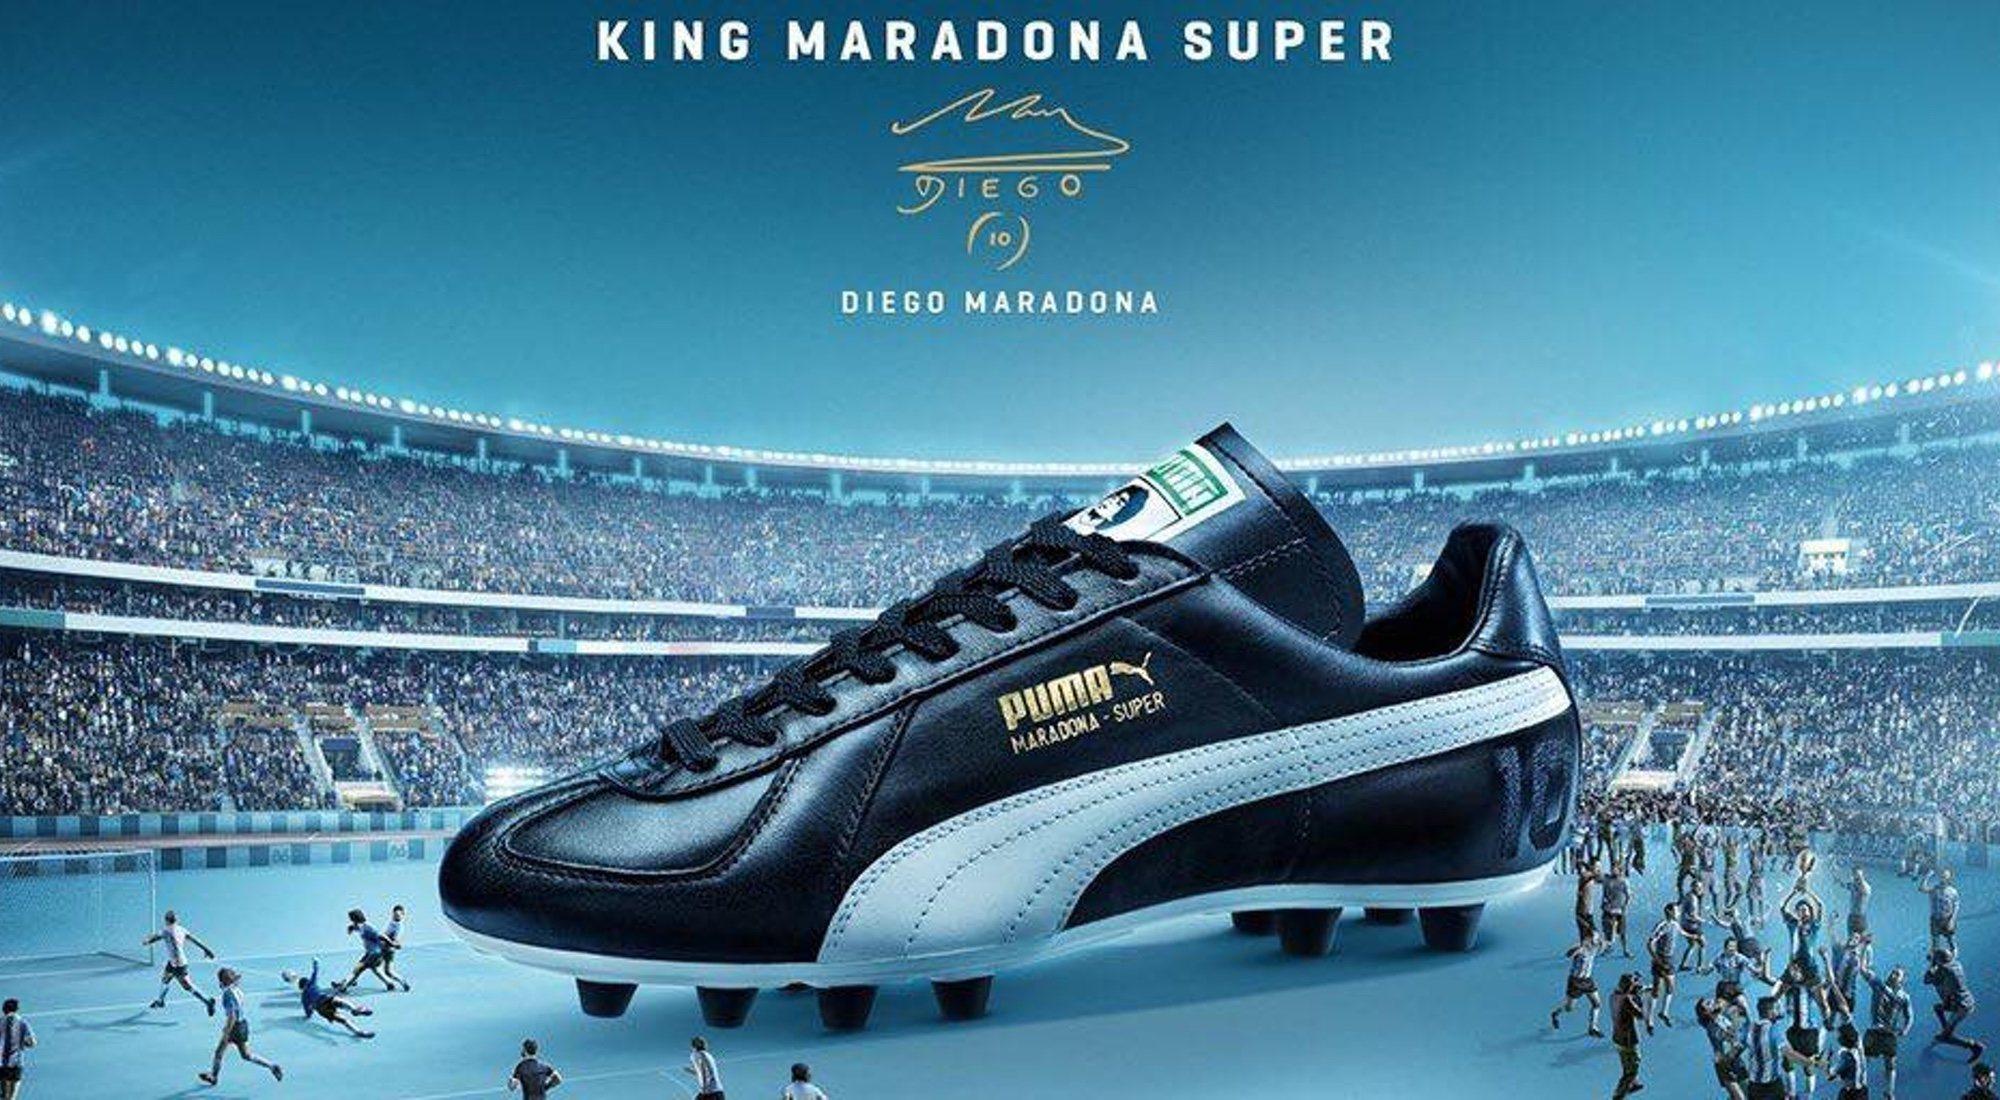 Fútbol, marcas y merchandising: una relación con décadas de historia